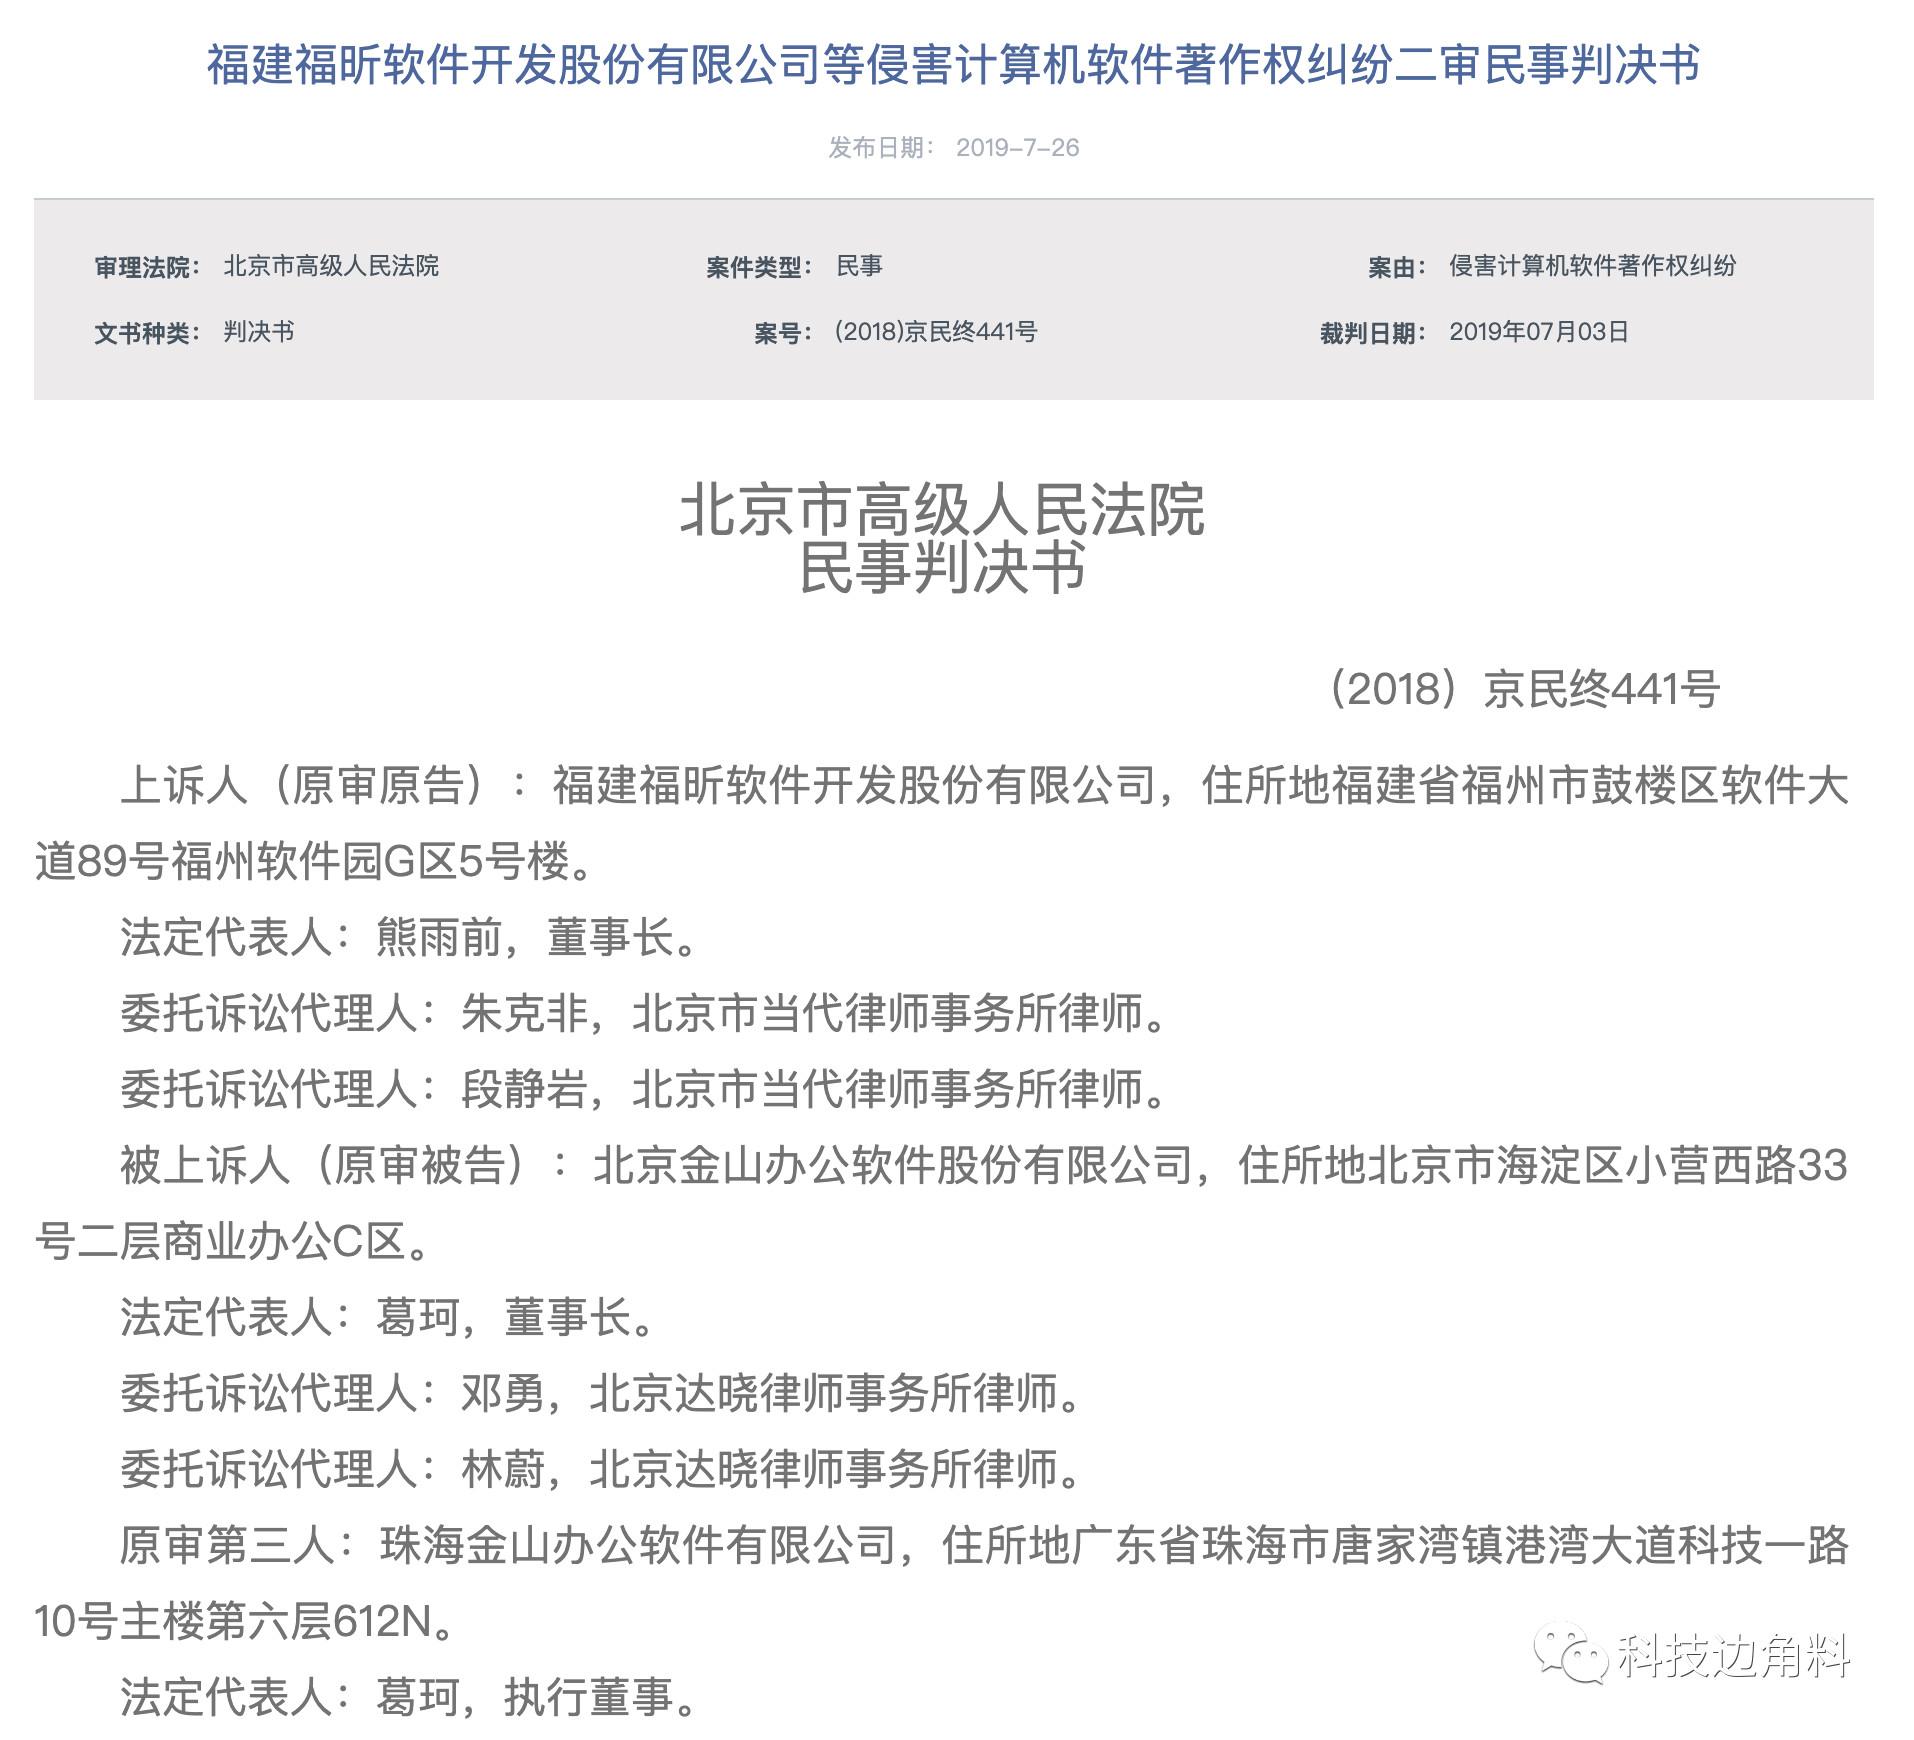 对标Adobe的国产软件福昕Foxit起诉金山WPS侵权终审败诉